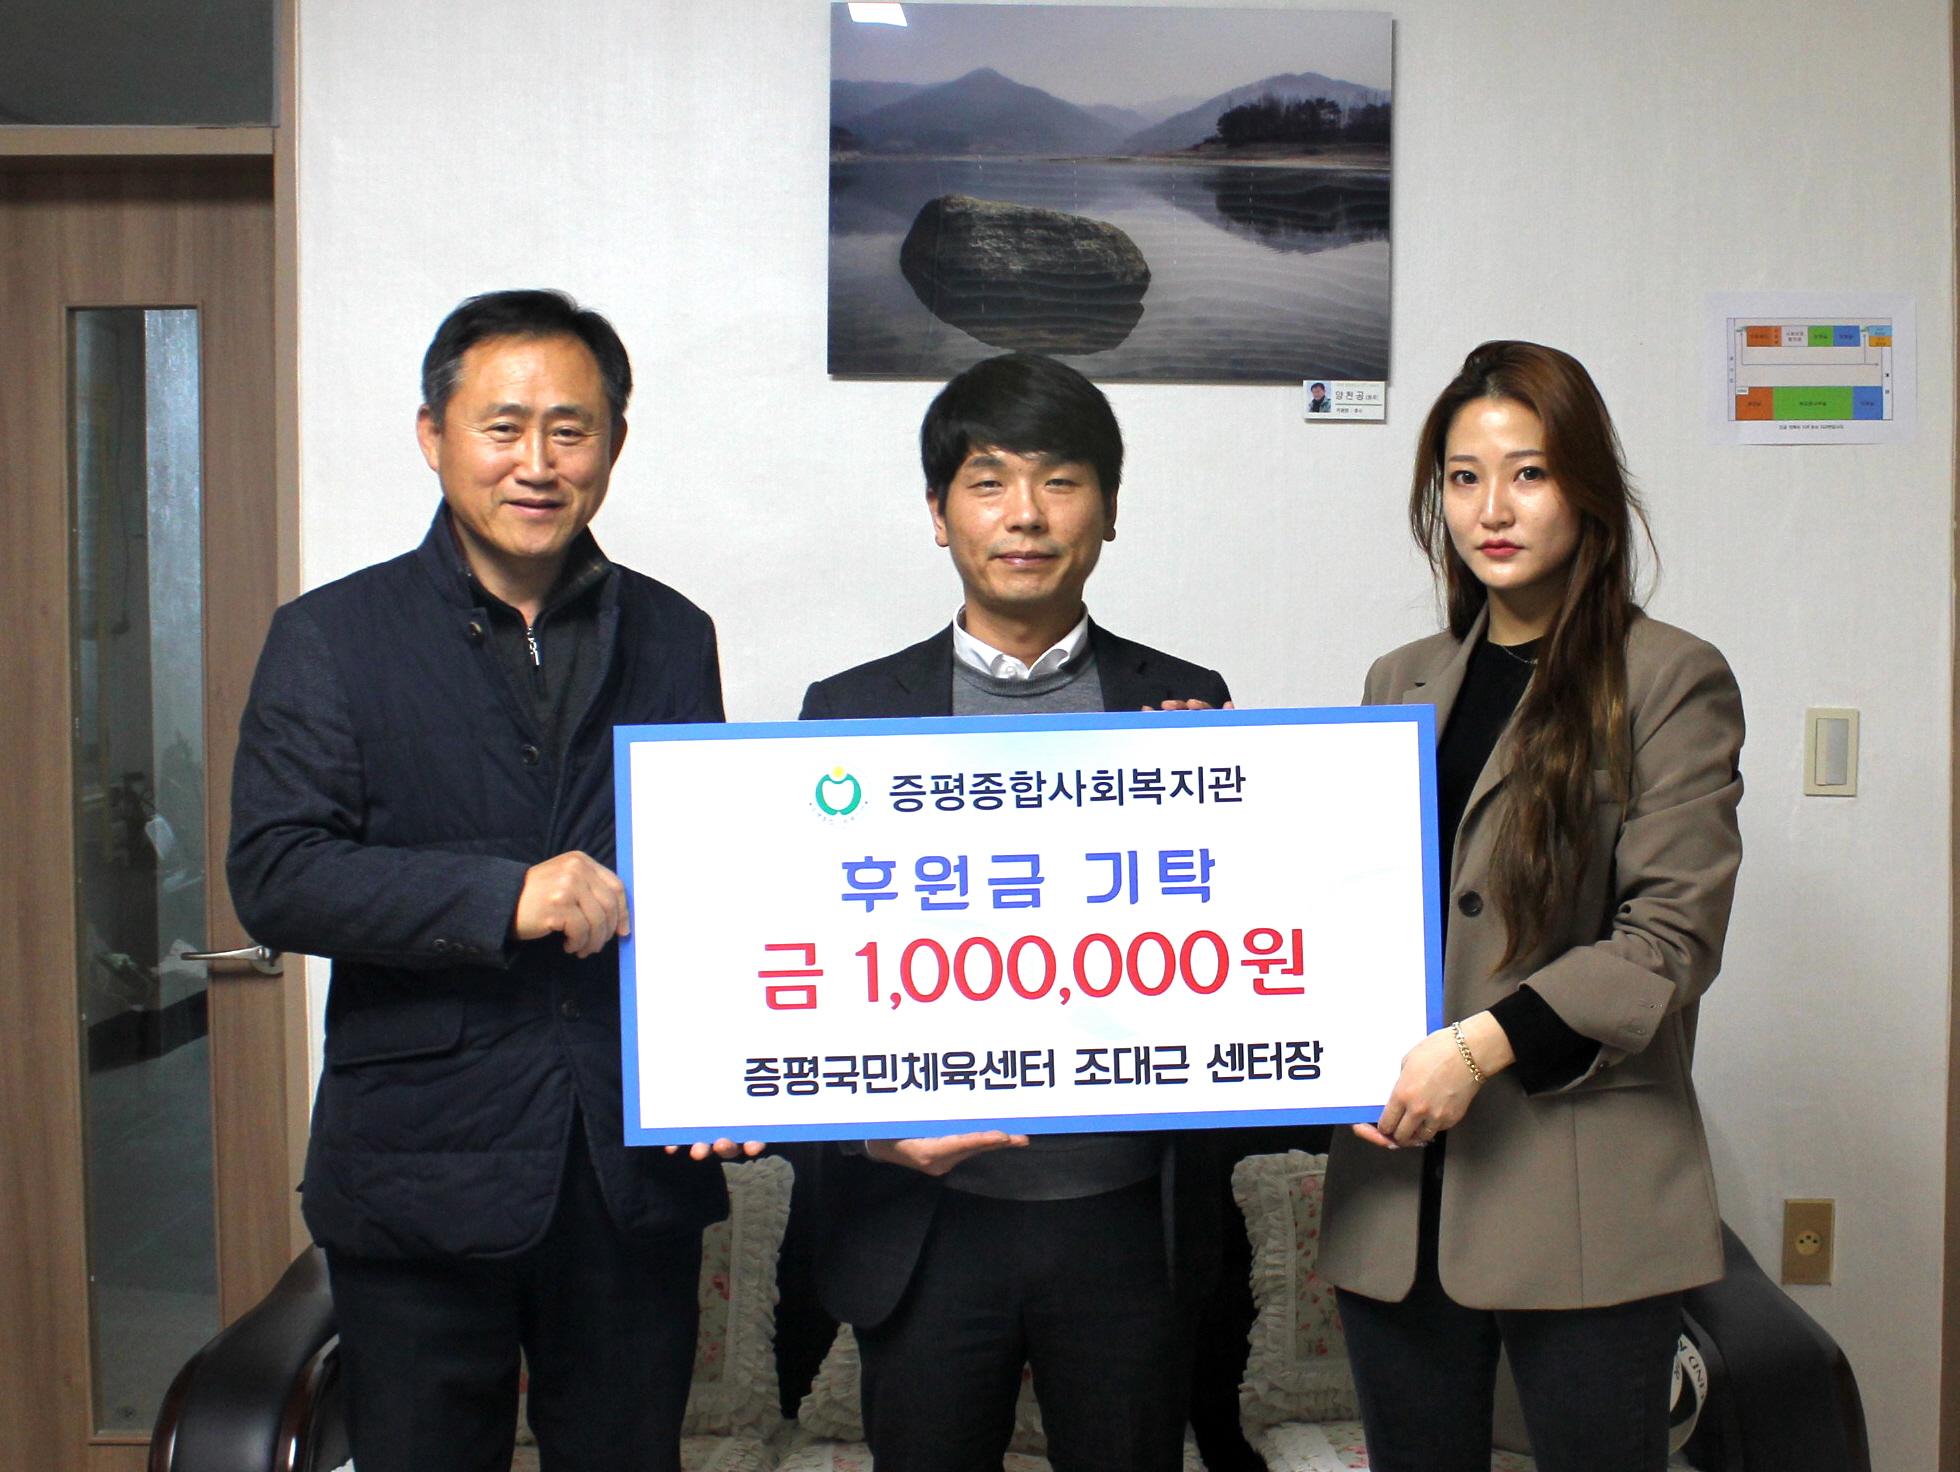 증평국민체육센터 조대근 센터장, 열림재단에 후원금 200만원 전달 [이미지]